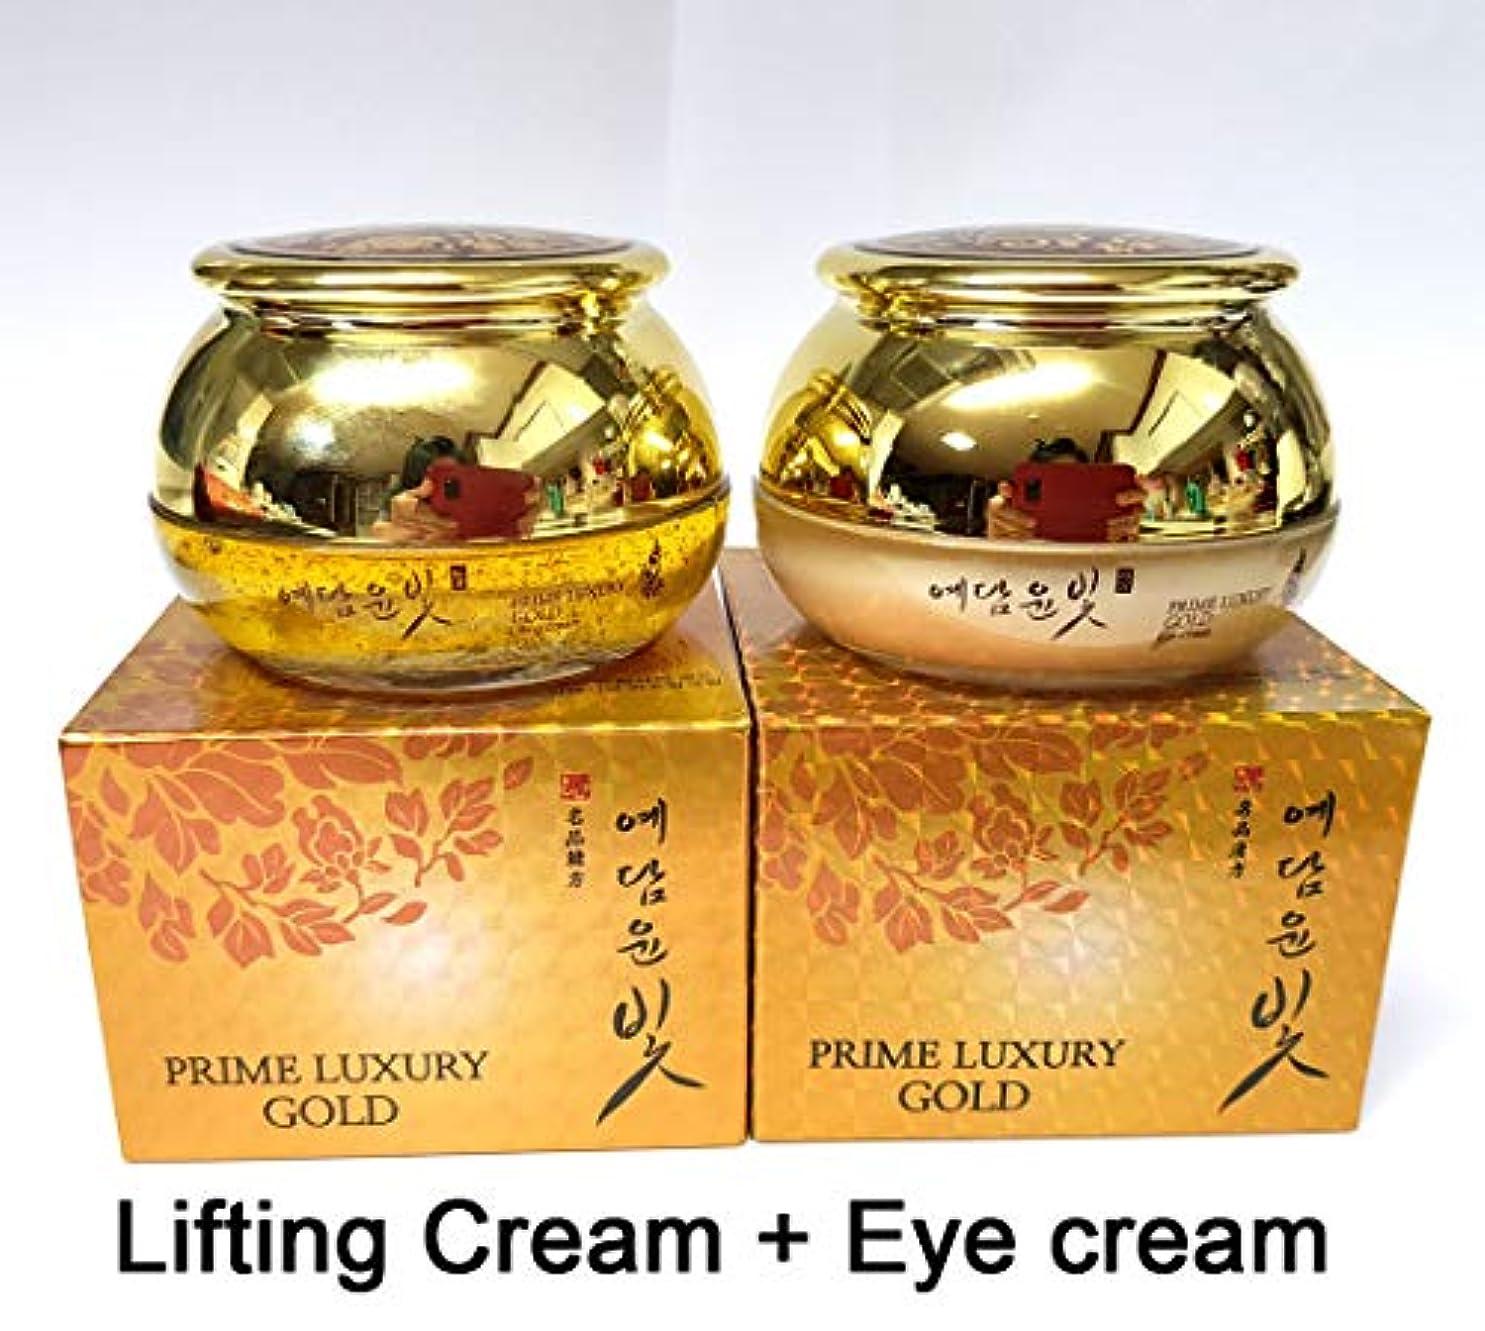 キルト敬意を表する責める[YEDAM YUNBIT]プライムラグジュアリーゴールドリフティングクリーム50g + プライムラグジュアリーゴールドインテンシブアイクリーム50g/ Prime Luxury Gold Lifting Cream 50g...